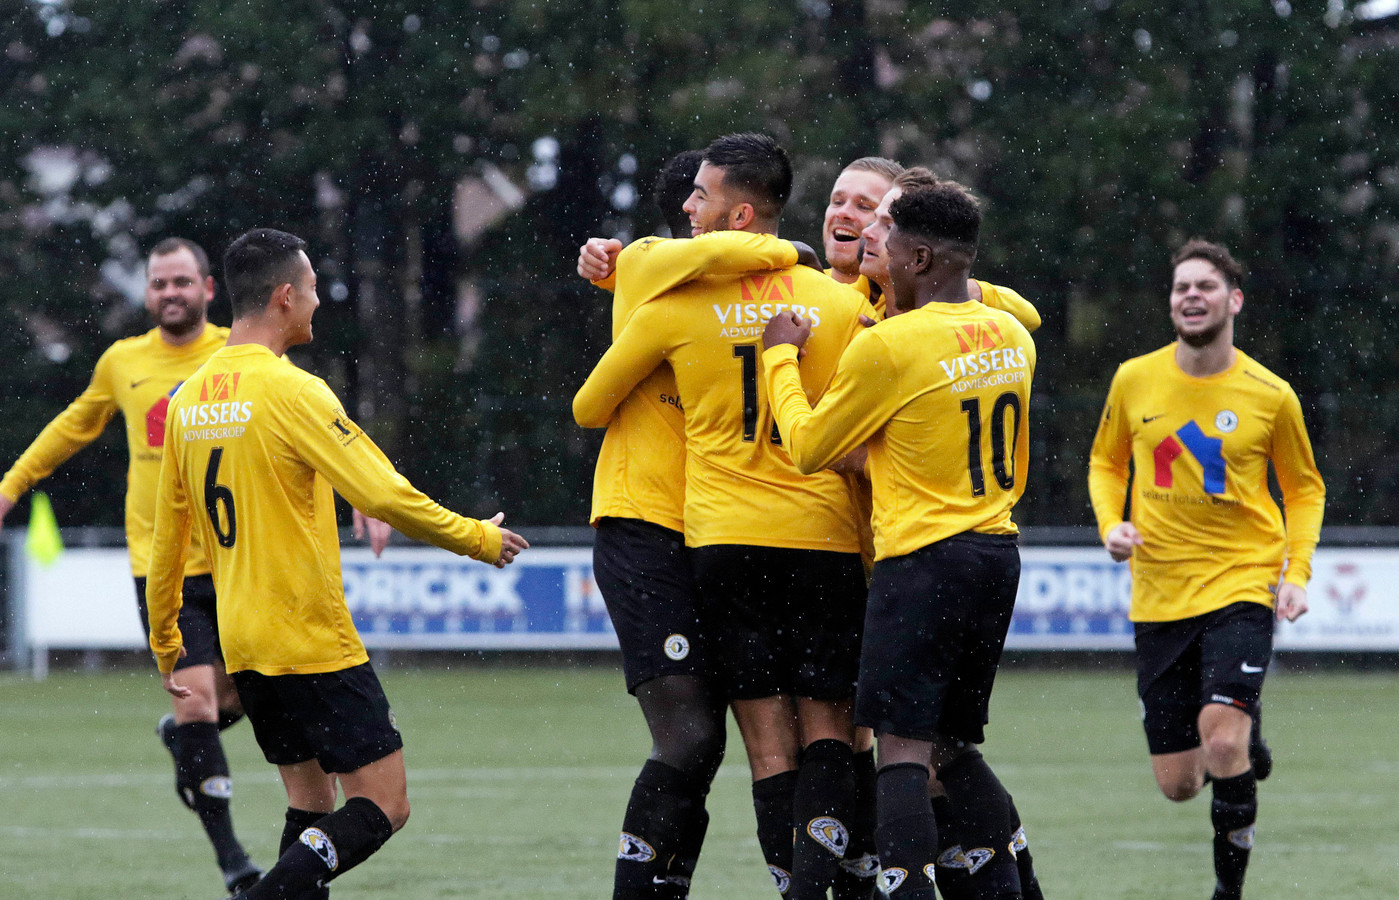 Een juichend elftal nadat Witting raak schoot na een voorzet van Puriël: het is een beeld dat men in de toekomst in Halsteren zal willen zien.